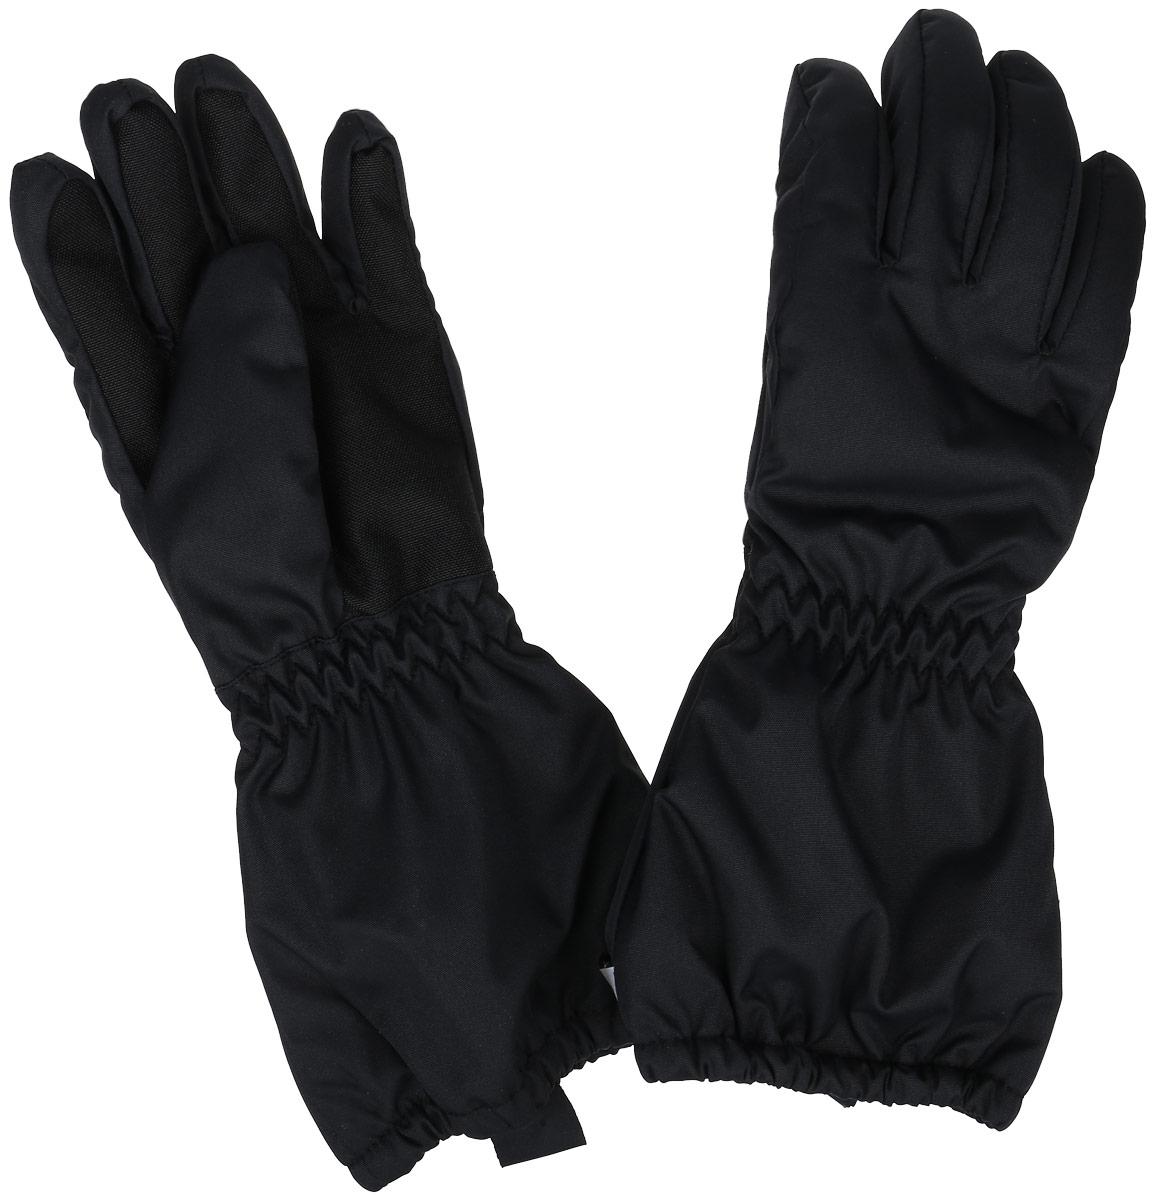 727691-9990Теплые перчатки Reima идеально подойдут вашему малышу для прогулок в холодное время года. Изготовленные из непромокаемого материала, с подкладкой из полиэстера, они необычайно мягкие и приятные на ощупь, не сковывают движения и позволяют коже дышать, не раздражают нежную кожу ребенка, обеспечивая ему наибольший комфорт, хорошо сохраняют тепло. Перчатки на теплой подкладке, дополнены длинными широкими манжетами, а также эластичной резинкой на запястье и по краю изделия. Модель дополнена накладками на ладонях и больших пальцах.br> Оригинальный дизайн и модная расцветка делают эти перчатки модным и стильным предметом детского гардероба. В них ваш малыш будет чувствовать себя уютно и комфортно и всегда будет в центре внимания!